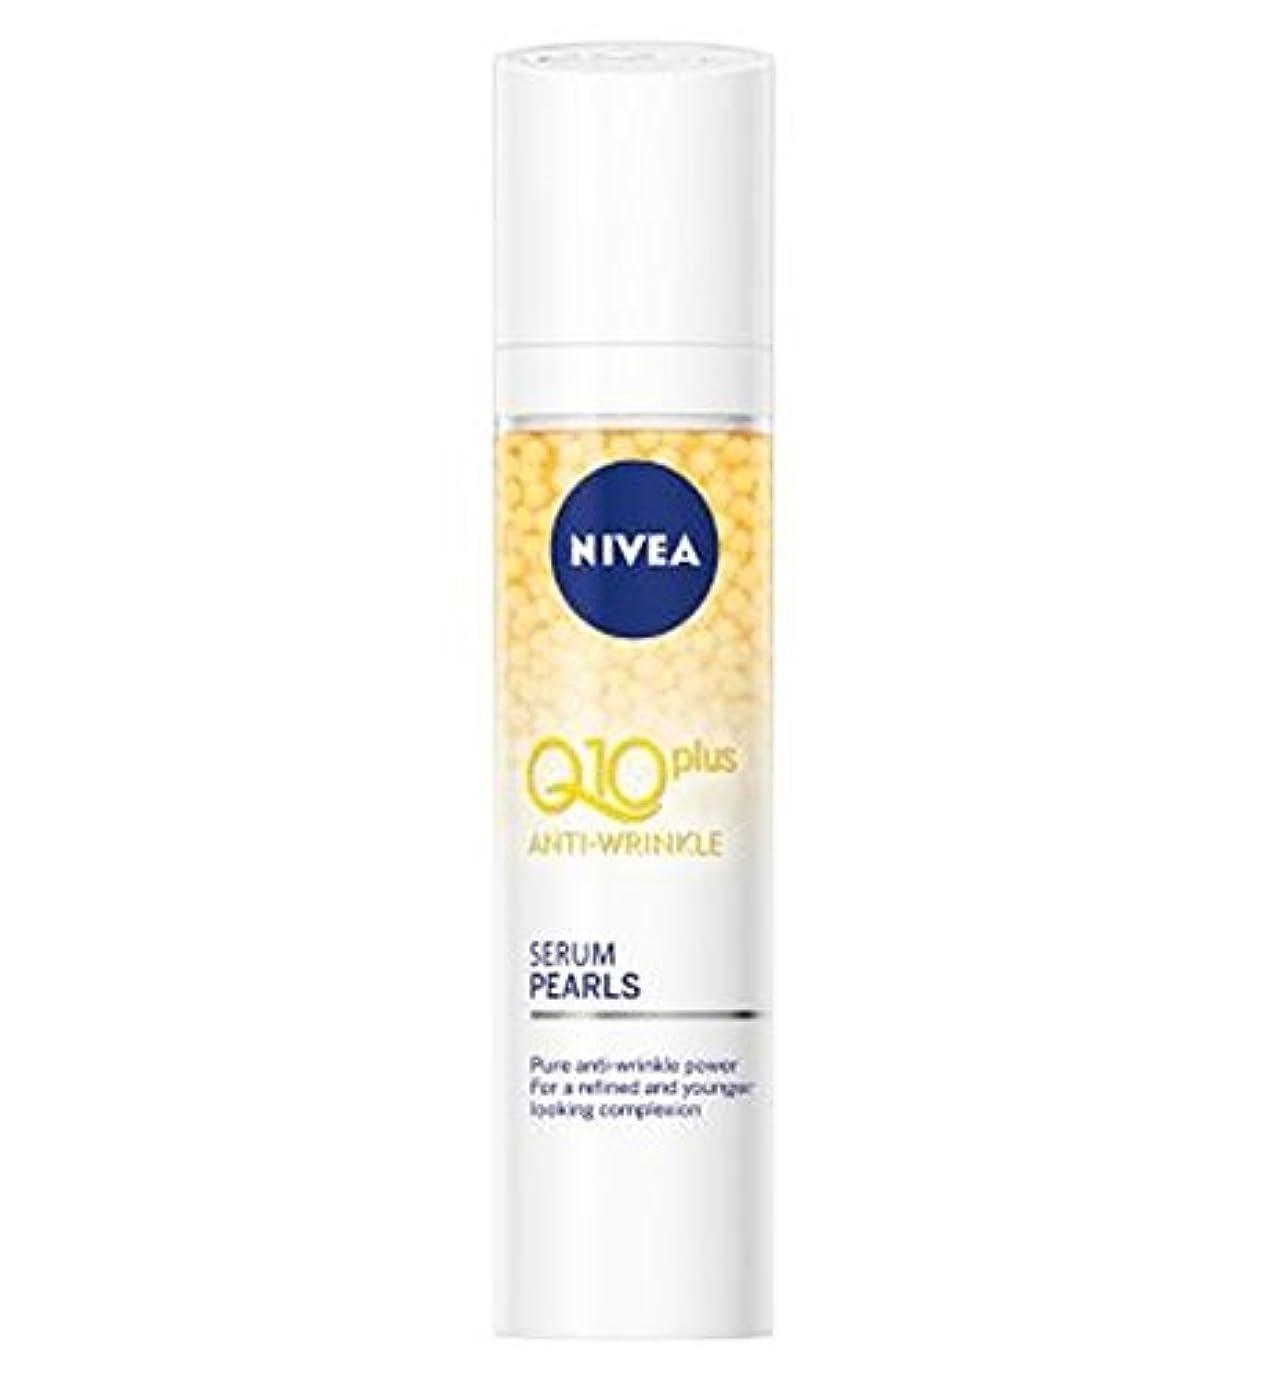 の量砂の出発NIVEA? Q10 Plus Anti-Wrinkle Serum Pearls 40ml - Nivea?Q10をプラス抗しわ血清真珠40ミリリットル (Nivea) [並行輸入品]